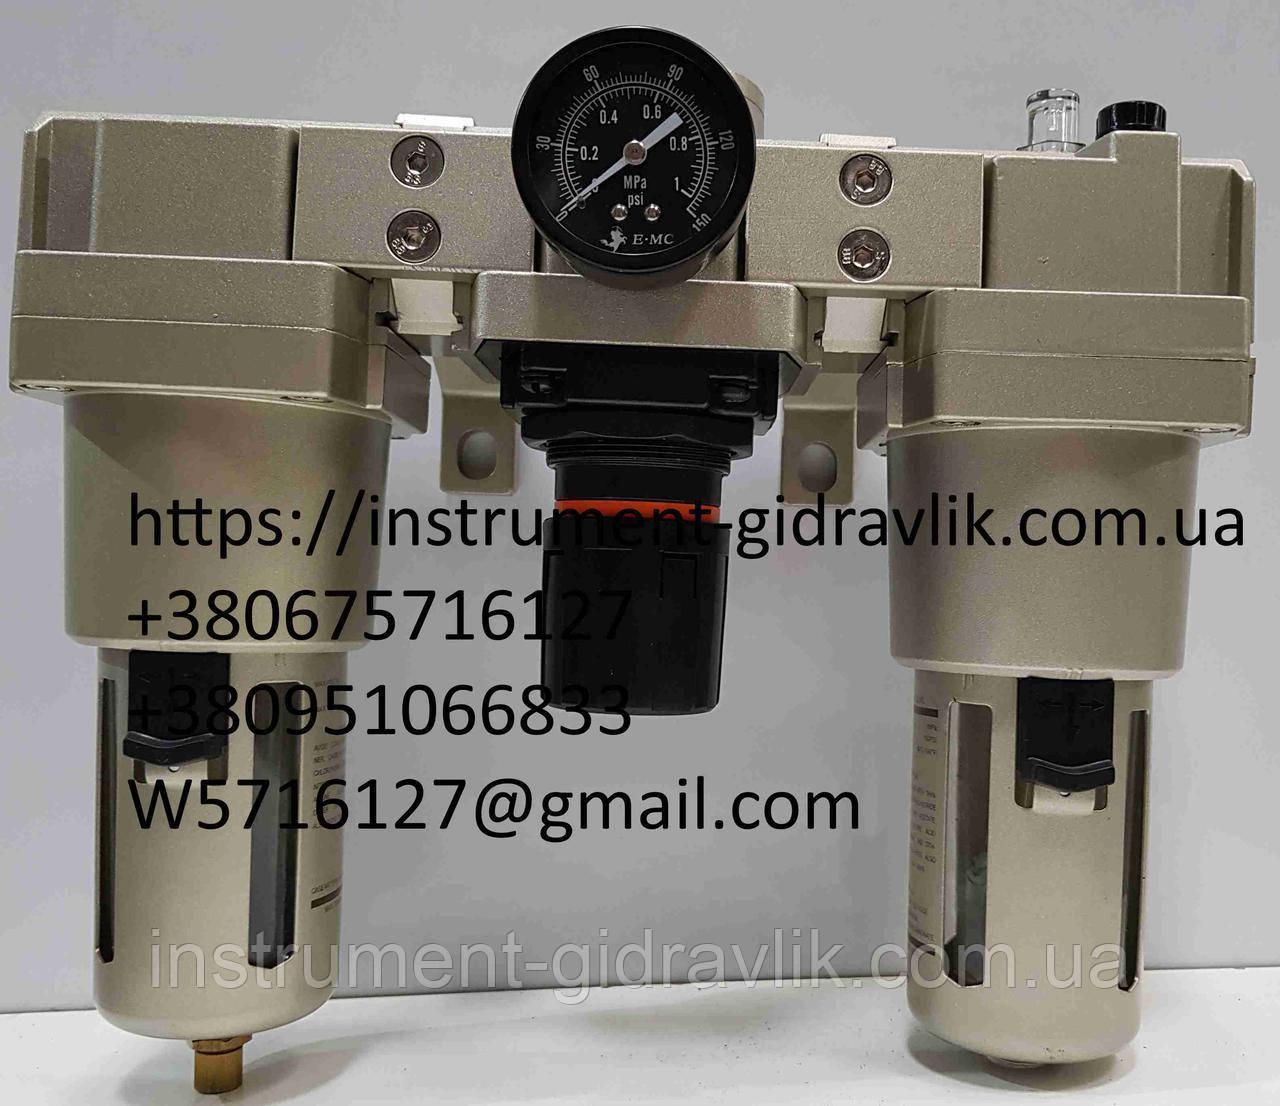 Блок подготовки воздуха ЕС 4000-04 5200L/min G1/2 10bar (аналог П-БК,БК)